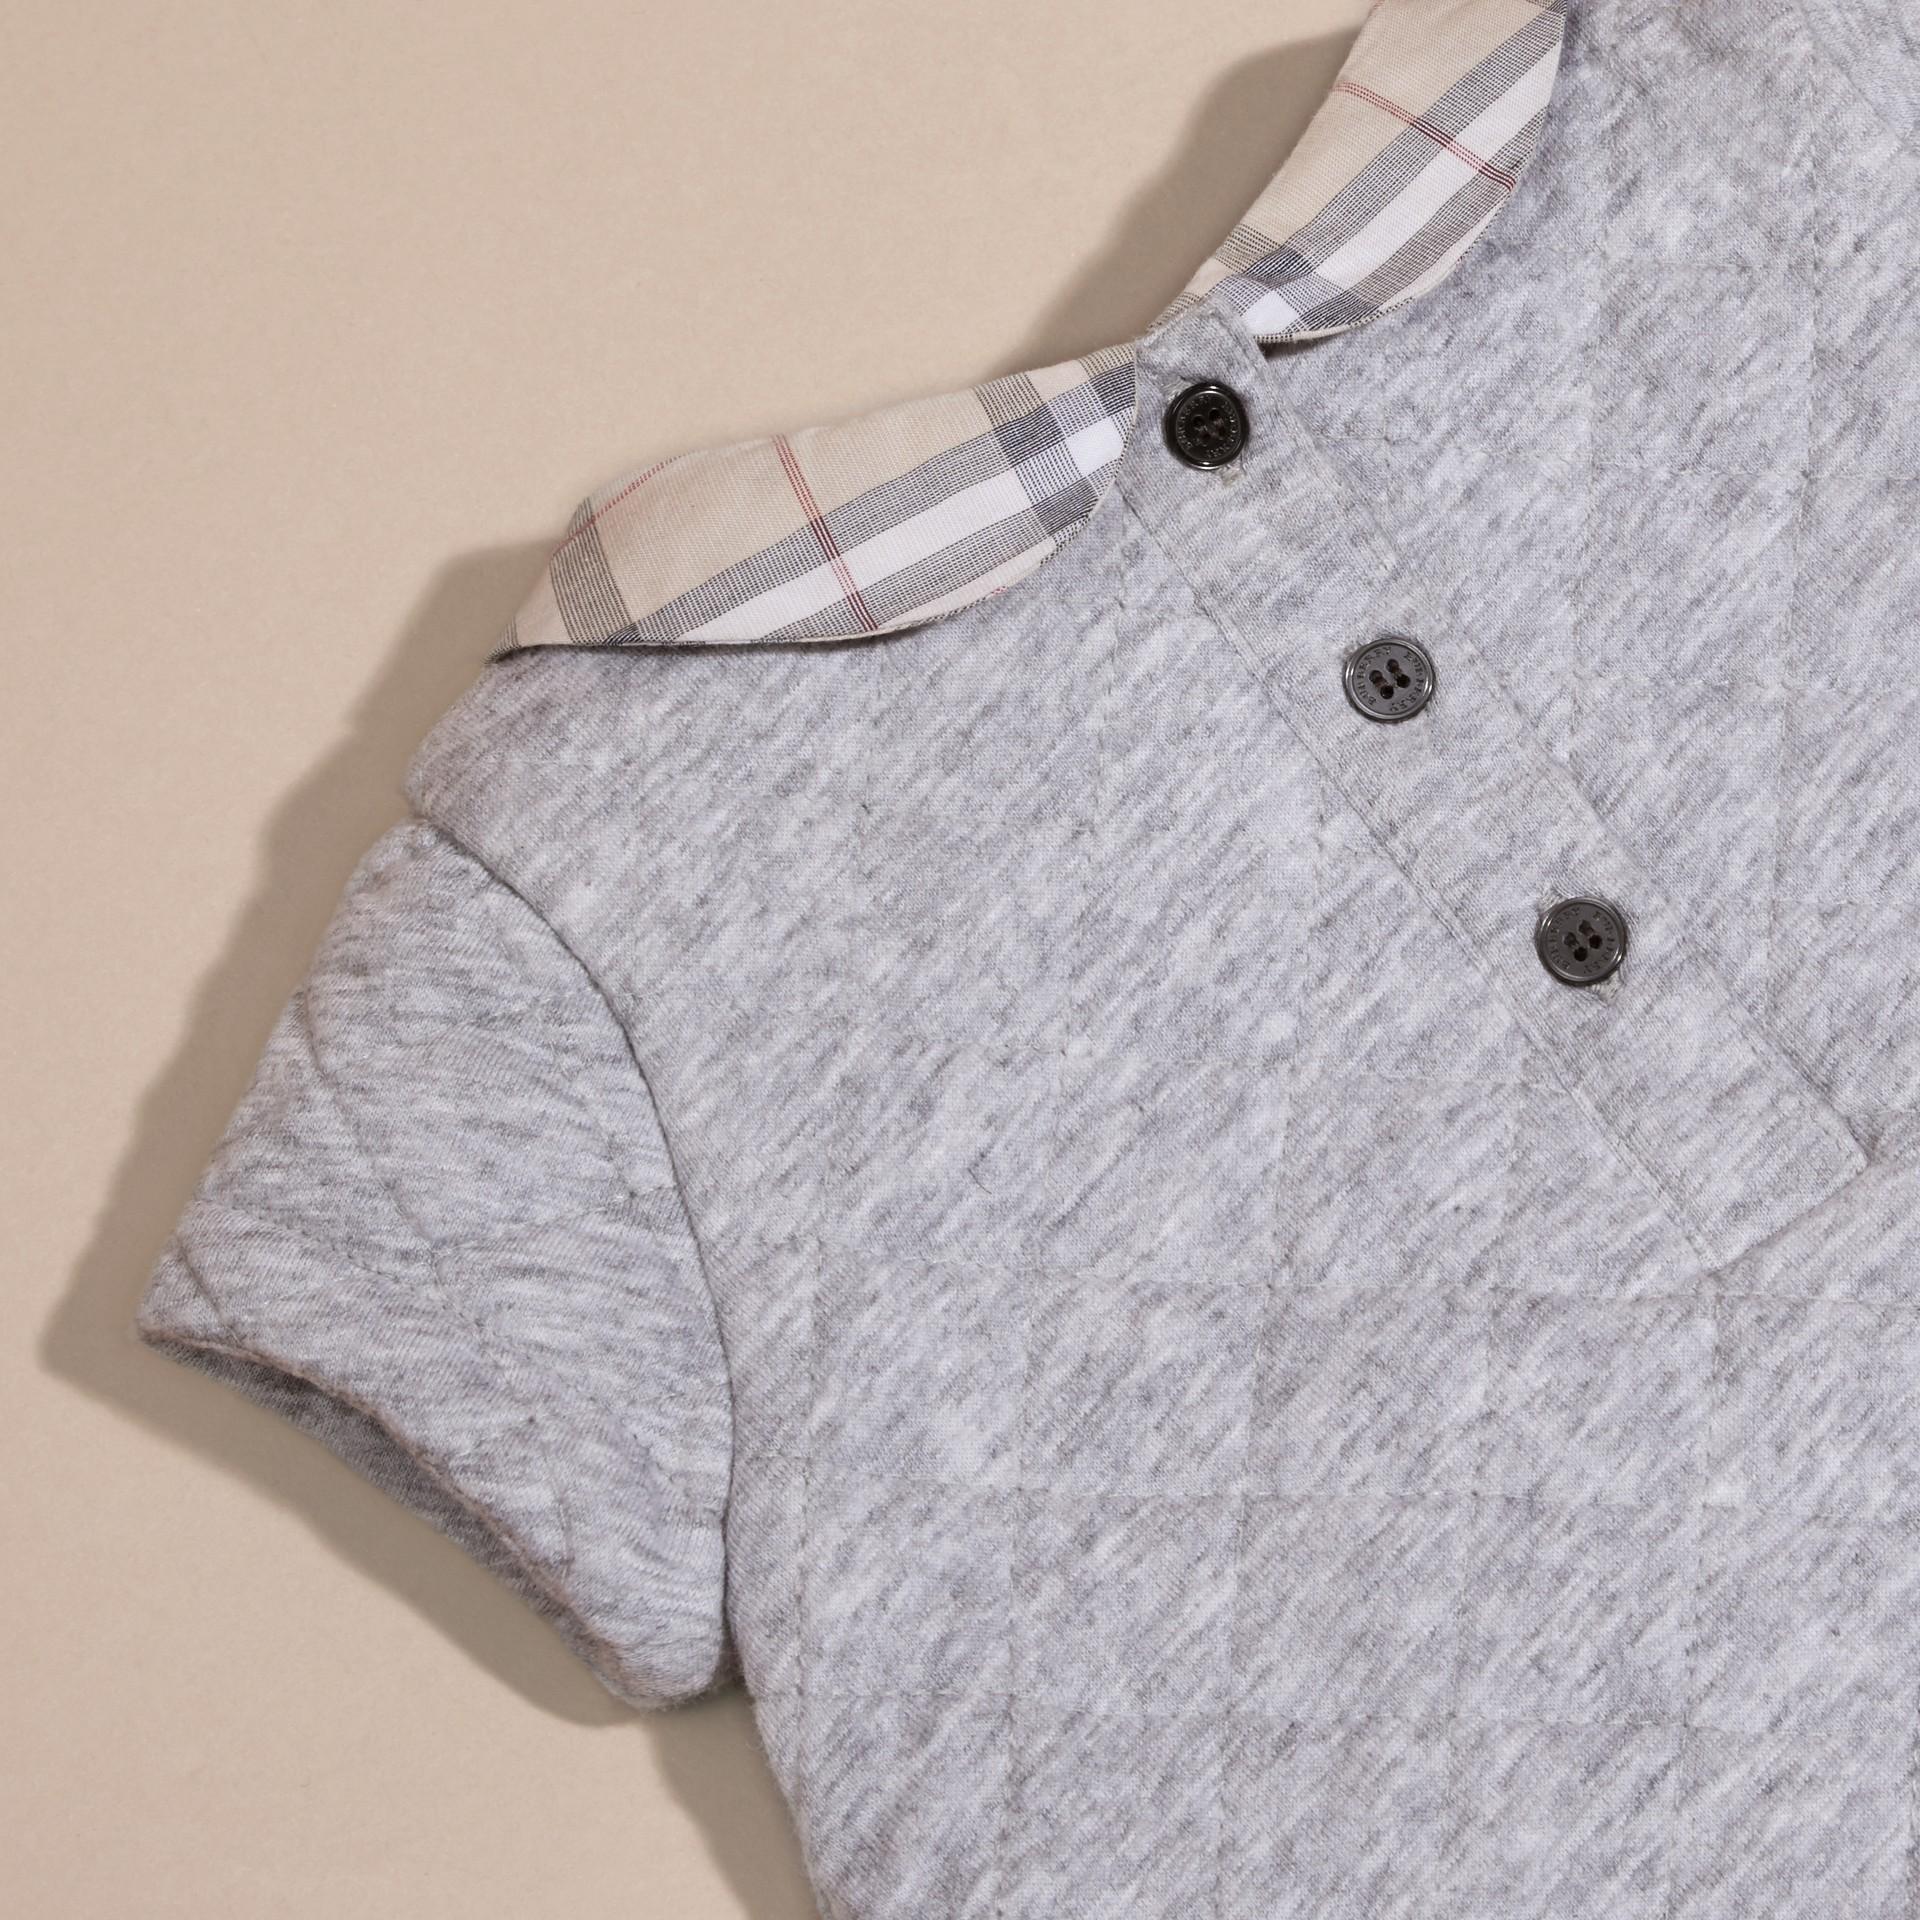 Grey melange Vestido de algodão acolchoado com colarinho xadrez - galeria de imagens 2